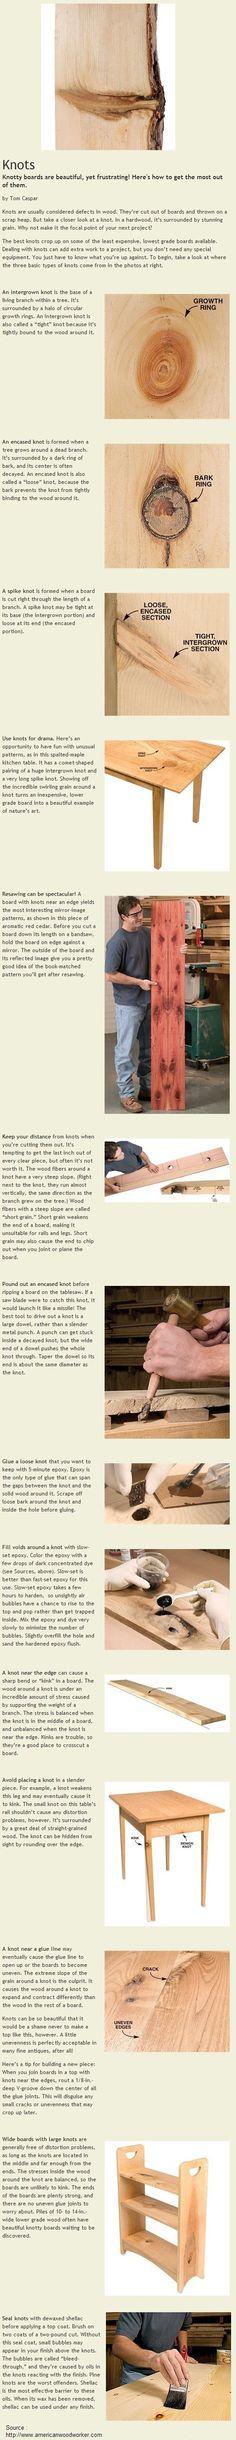 removendo nos da madera Knots